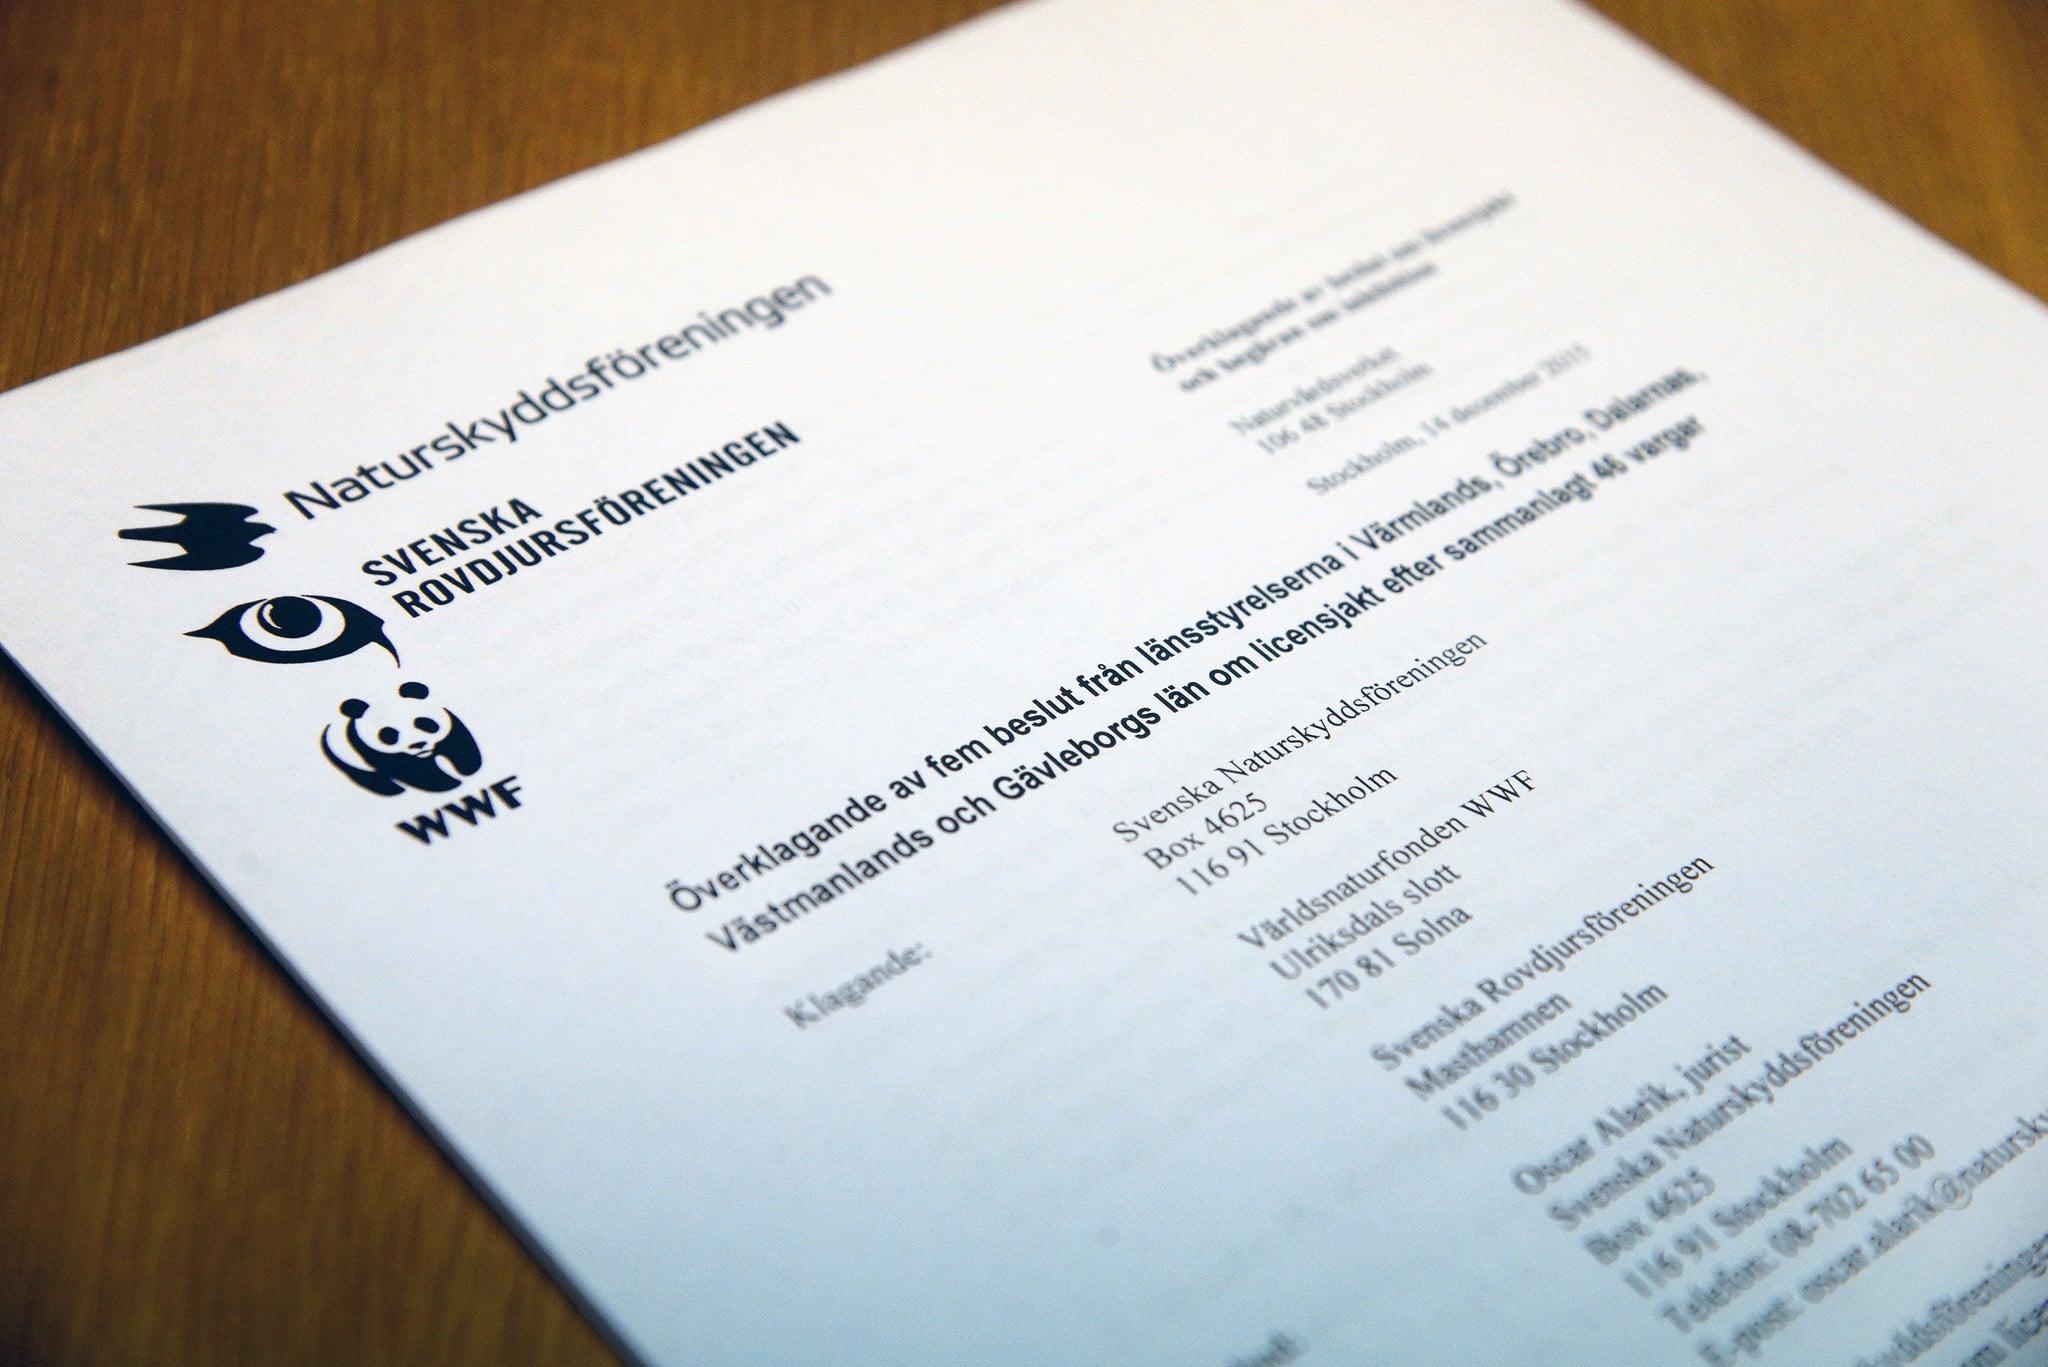 ICA, IKEA och Postkodlotteriet, Volvo, SKF samt Sveaskog är några företag som sponsrar organisationer som konsekvent överklagar jaktbeslut, skriver debattören.